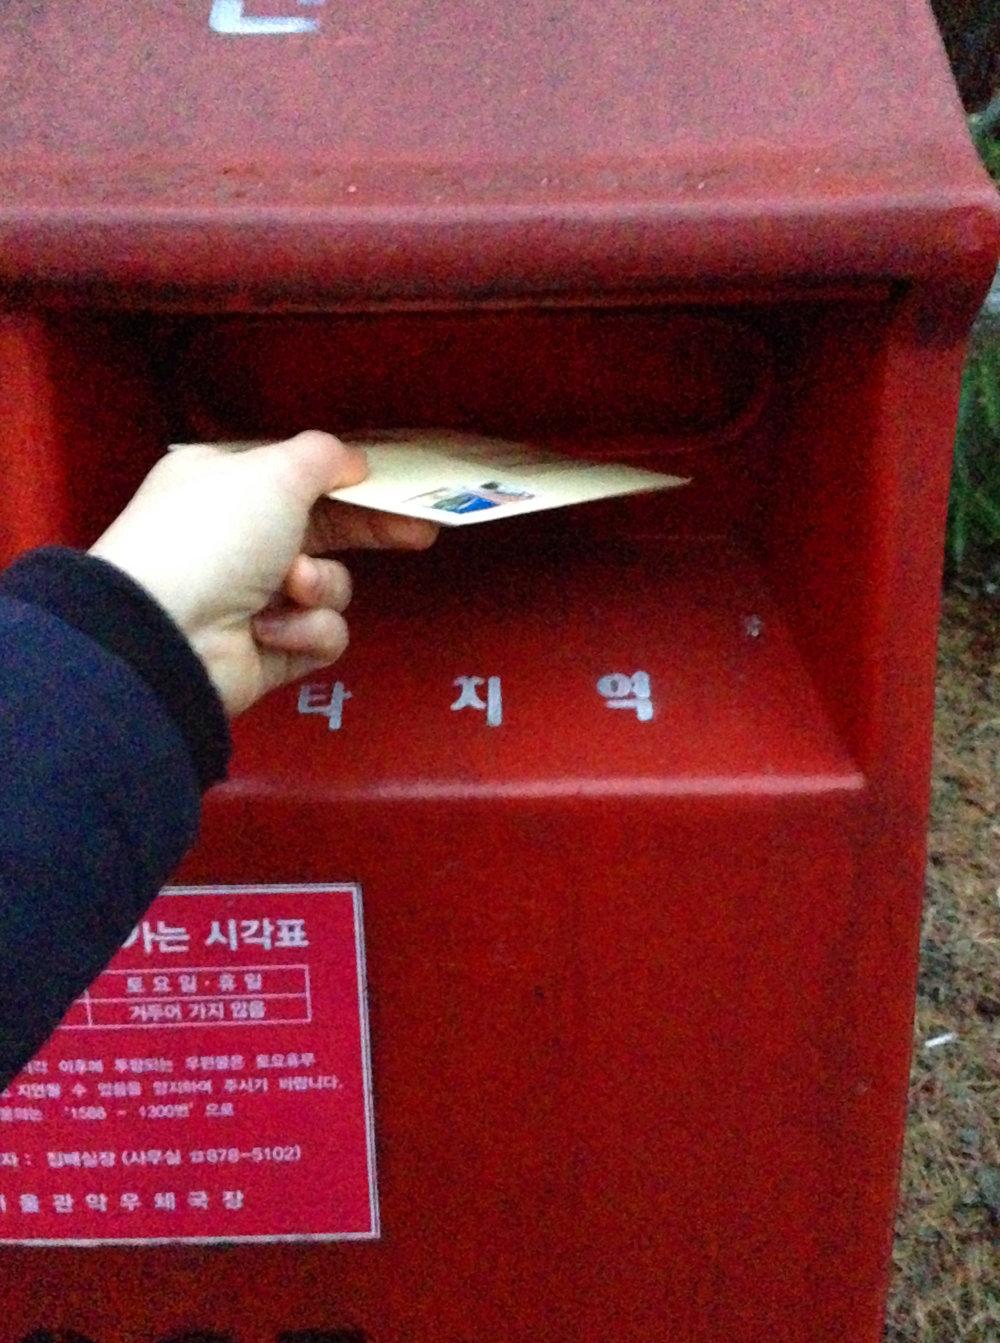 서울대 규장각 맞은편 우체통에 넣기.jpg